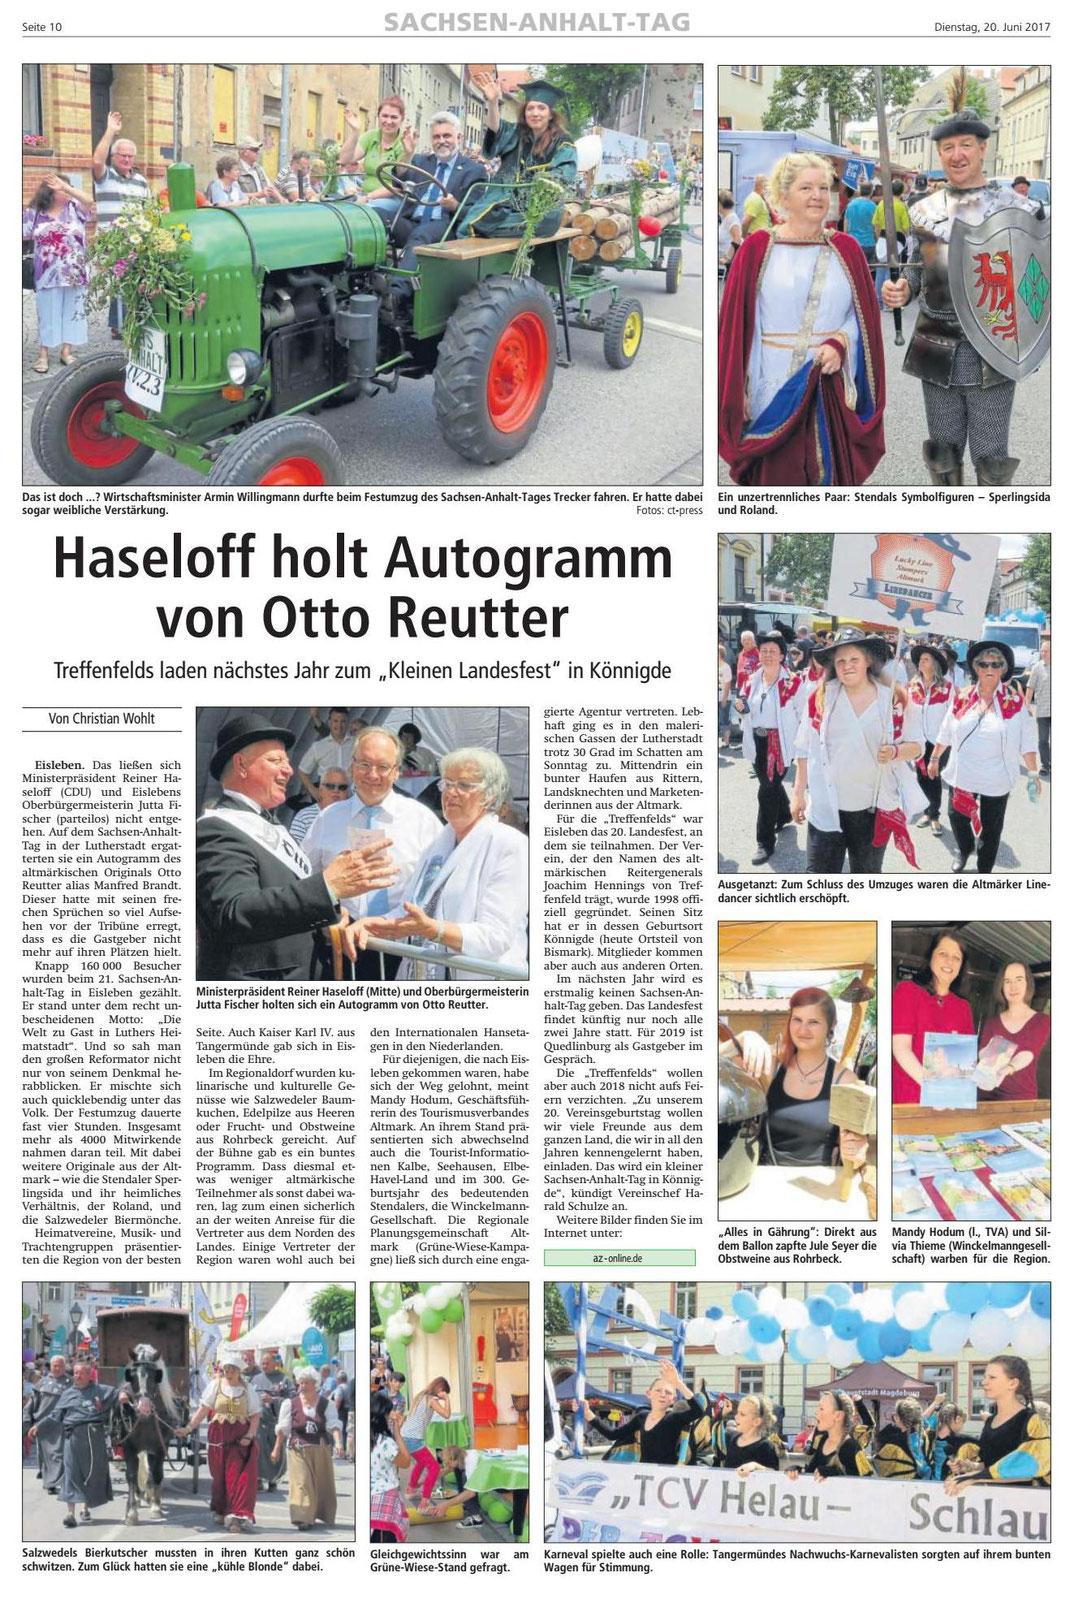 Altmark-Zeitung vom 20.06.2017, von Christian Wohlt